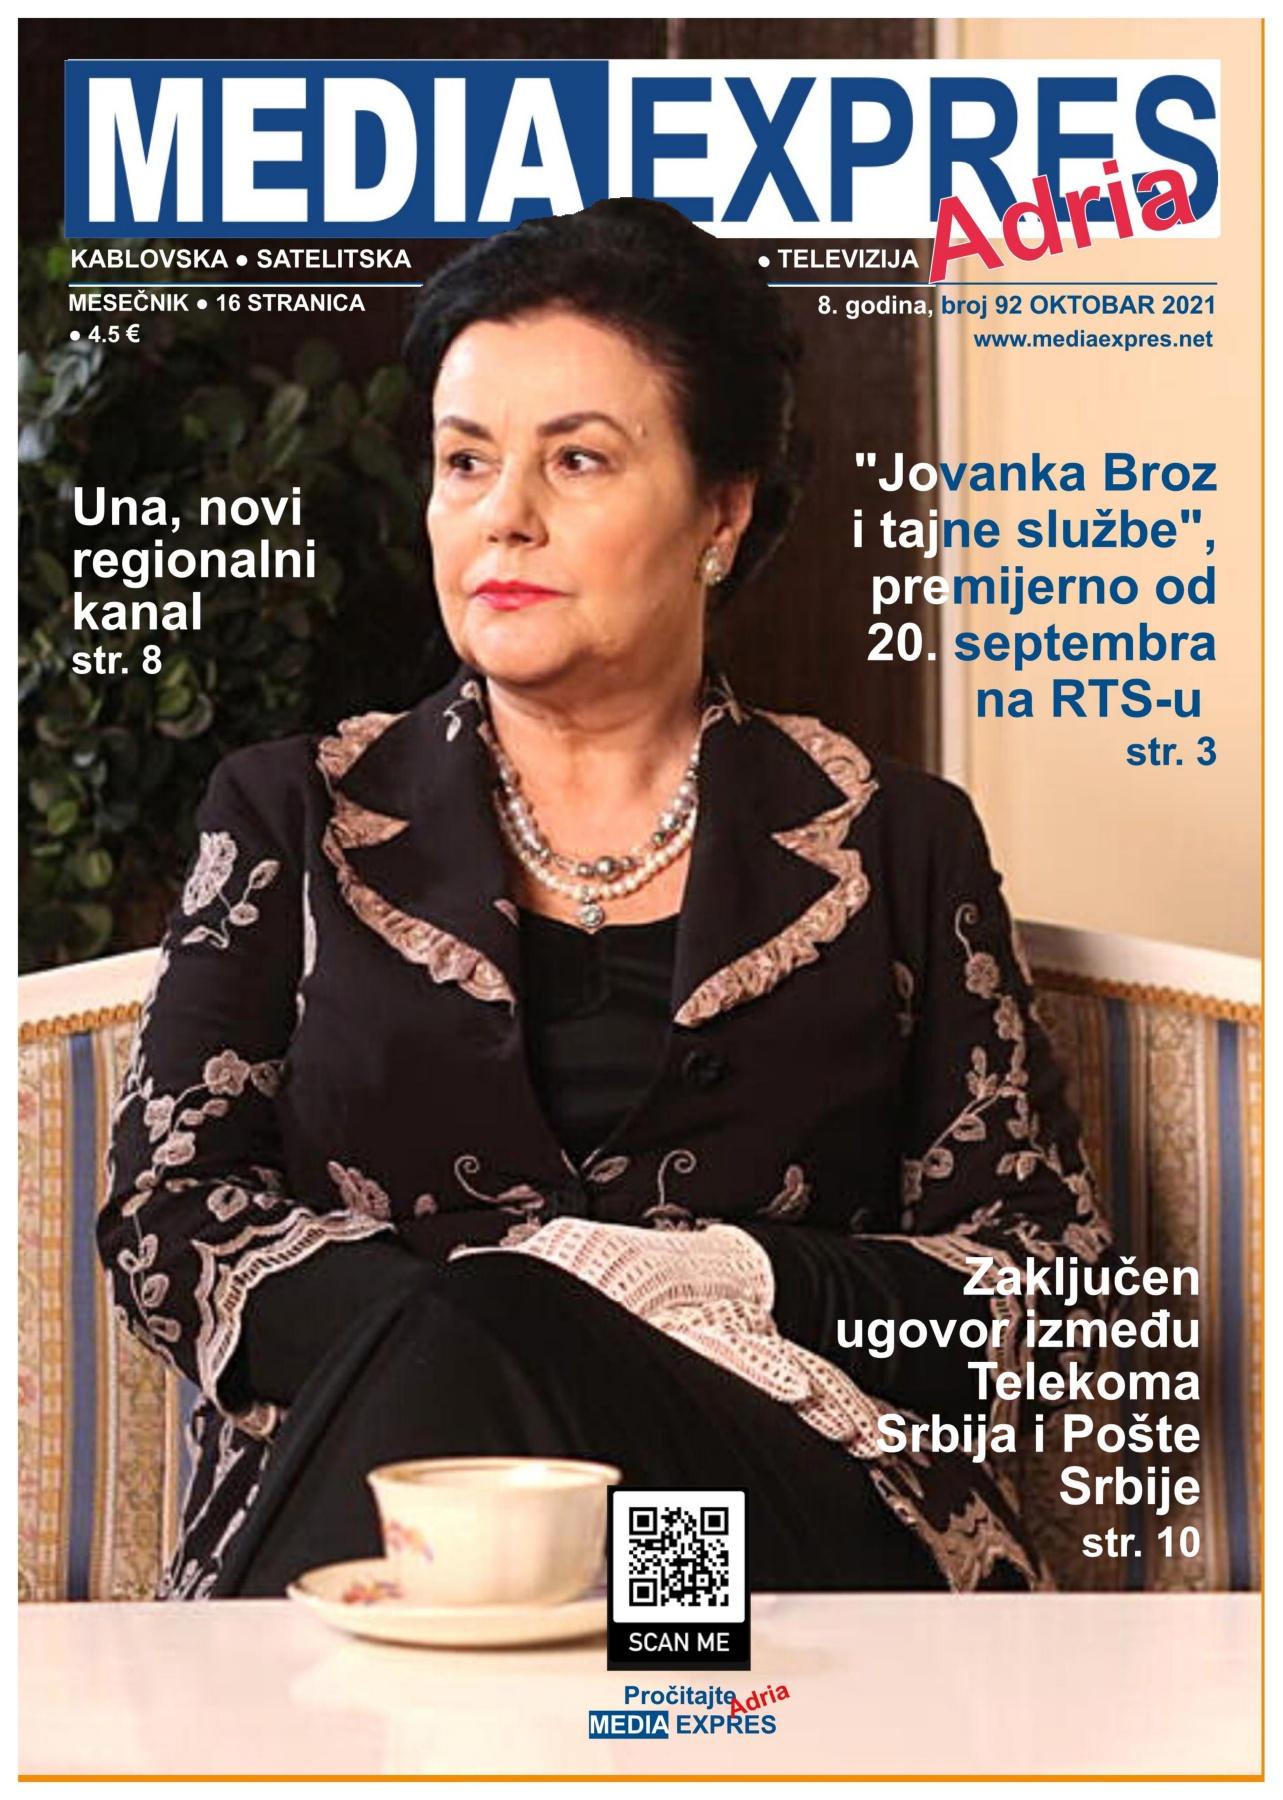 Media Expres Adria No 10 OKTOBAR 2021 1st Cover